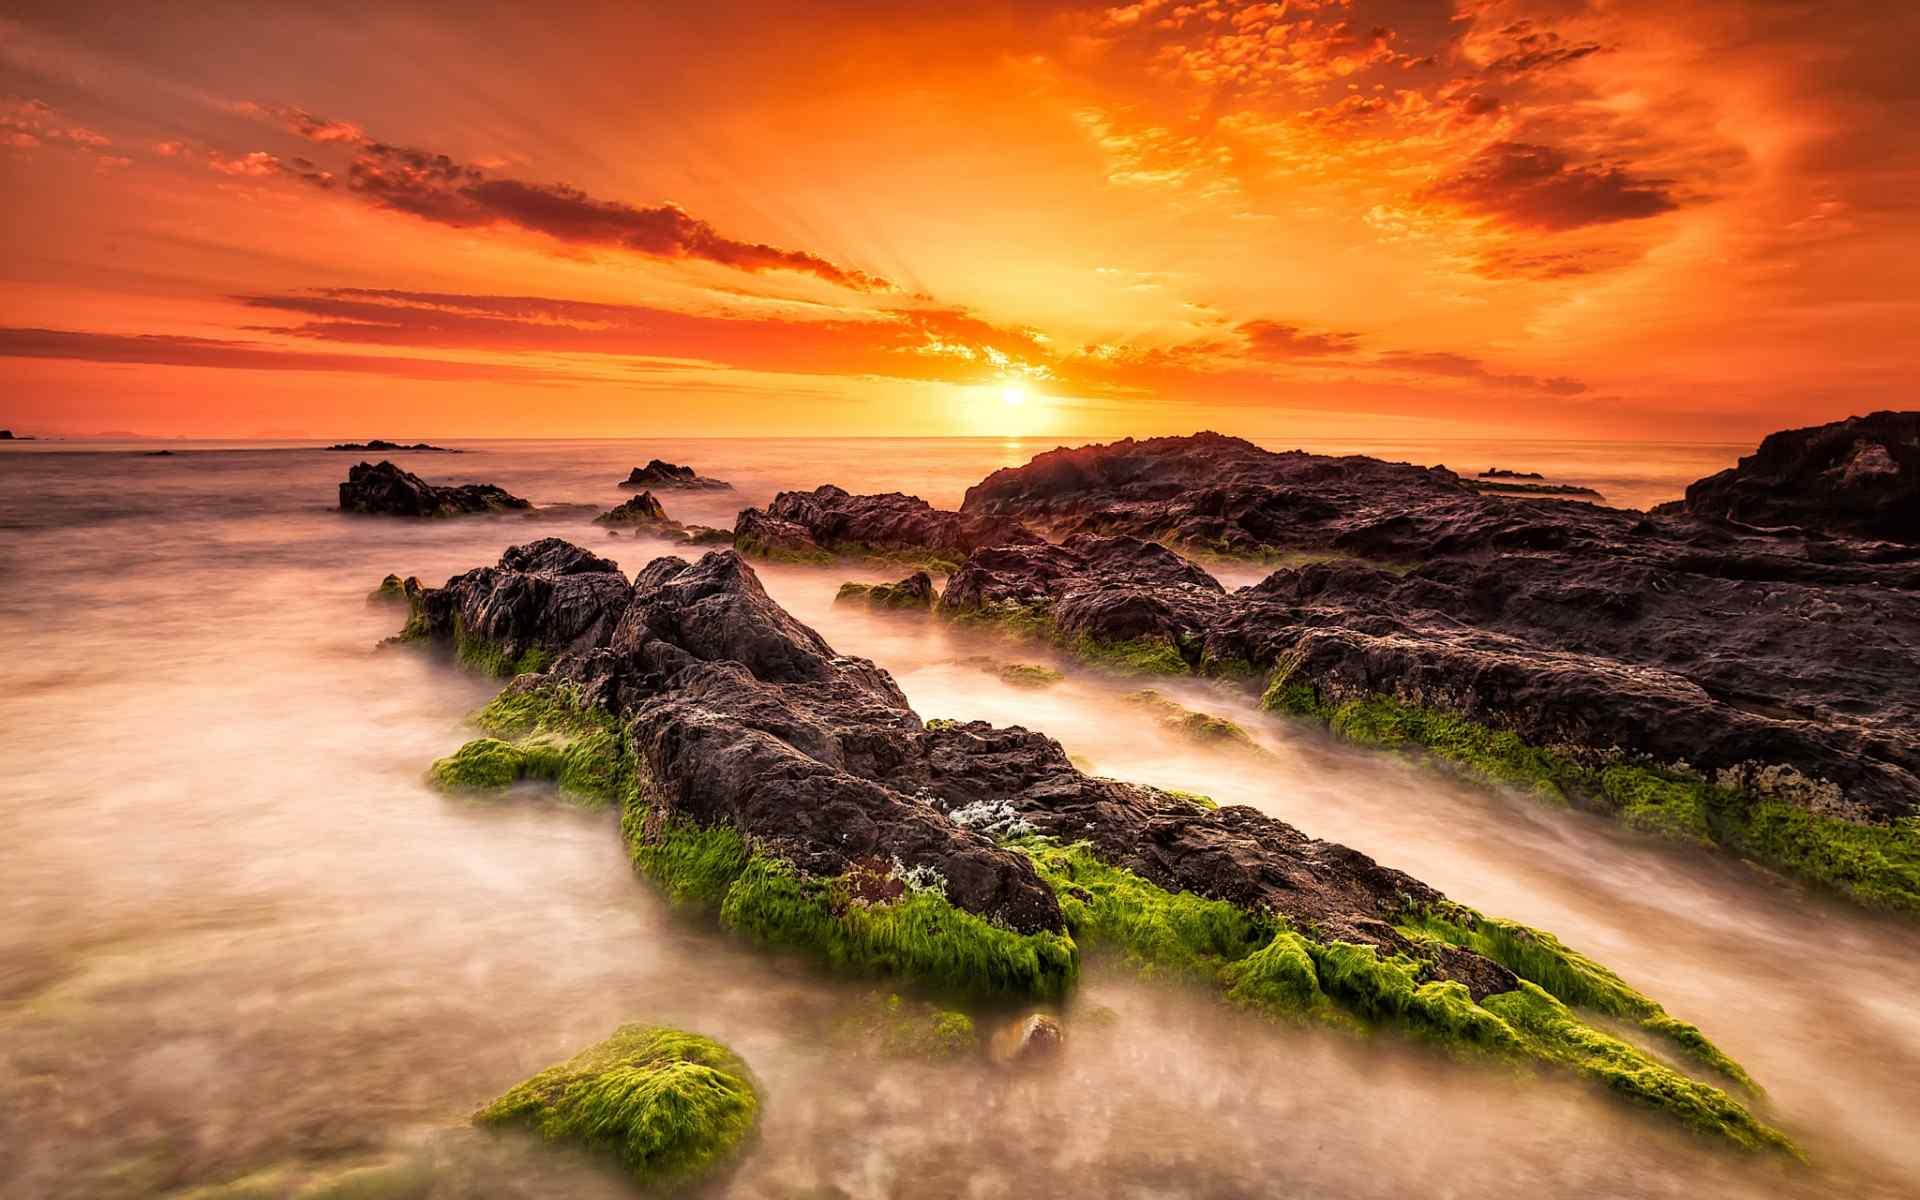 神奇又美丽的岩石风景图片桌面壁纸